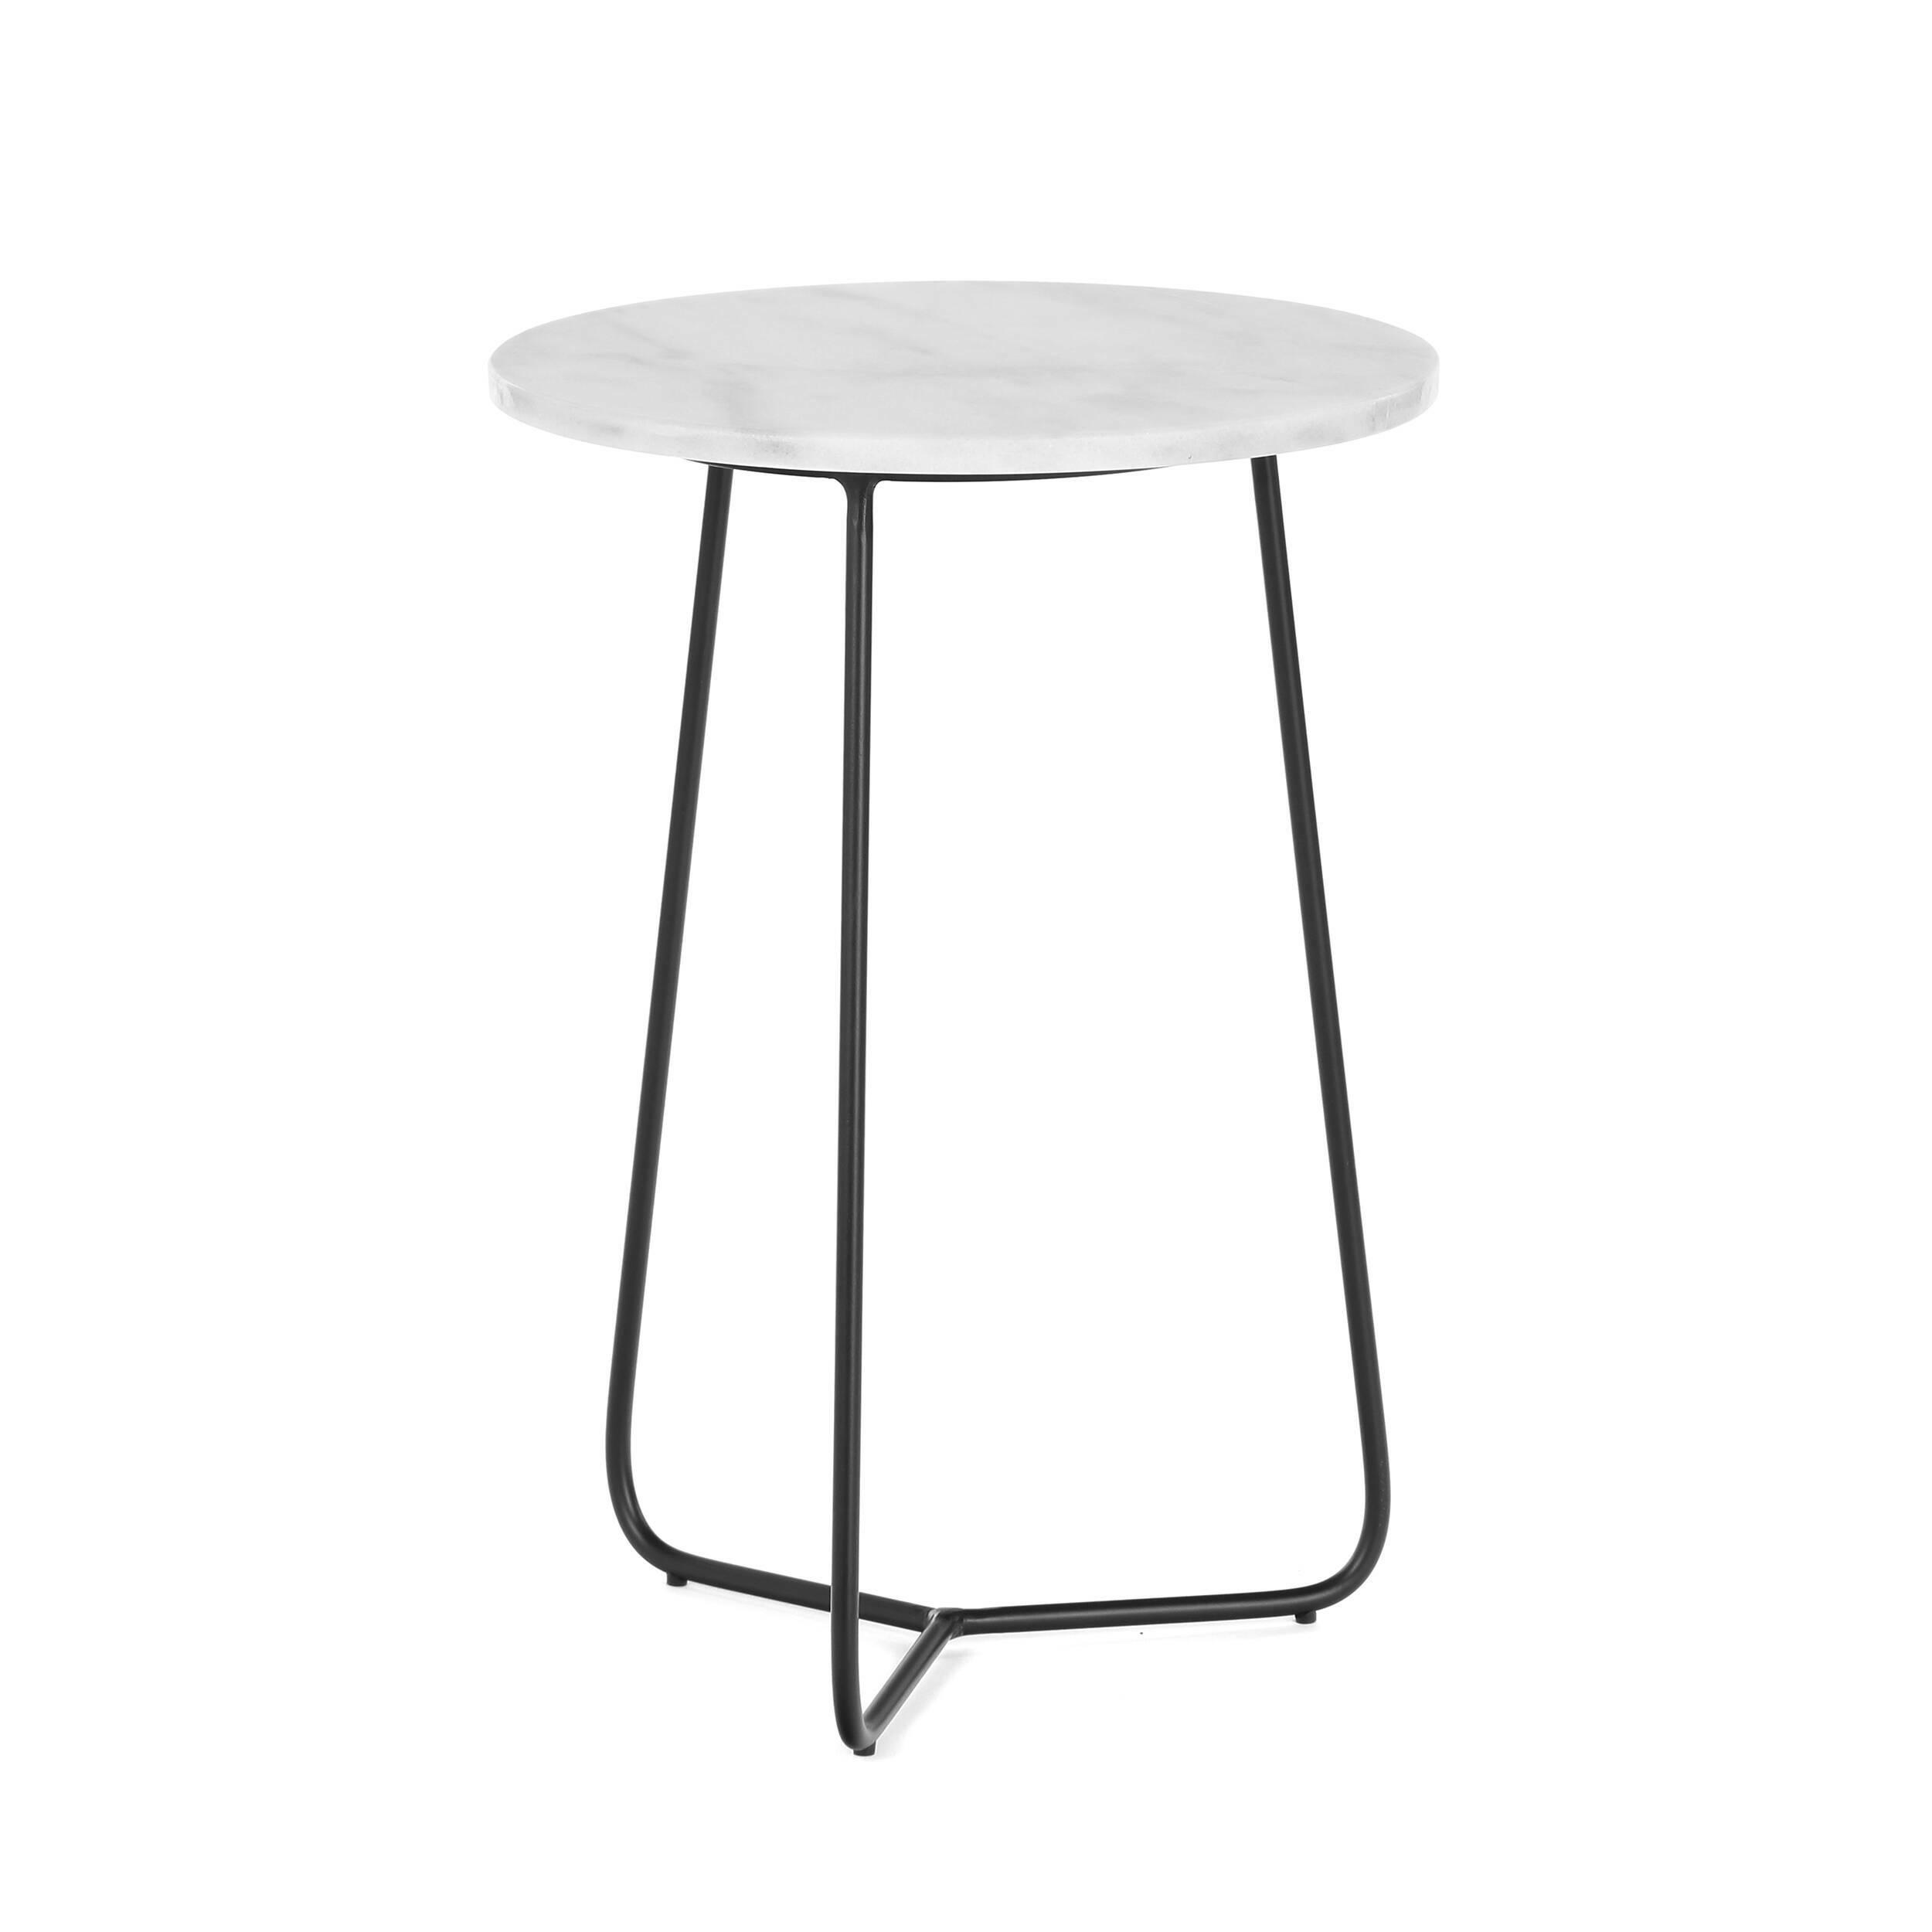 Кофейный стол March диаметр 35Кофейные столики<br>Очаровательный дизайнерский кофейный стол March диаметр 35 будет маленьким украшением для гостиной комнаты вашего дома. Он подойдет почти для всего, на нем можно устраивать утреннее чаепитие, на него можно складывать любимые журналы или разные мелочи. А еще он может стать прекрасной подставкой под цветочную вазу.<br><br><br> Эта модель представляет собой воплощение уникального сочетания надежности и изысканной красоты. Это достигается за счет используемого материала – мрамора, который историче...<br><br>stock: 11<br>Высота: 50<br>Диаметр: 35<br>Цвет ножек: Черный<br>Цвет столешницы: Белый<br>Тип материала столешницы: Мрамор<br>Тип материала ножек: Сталь